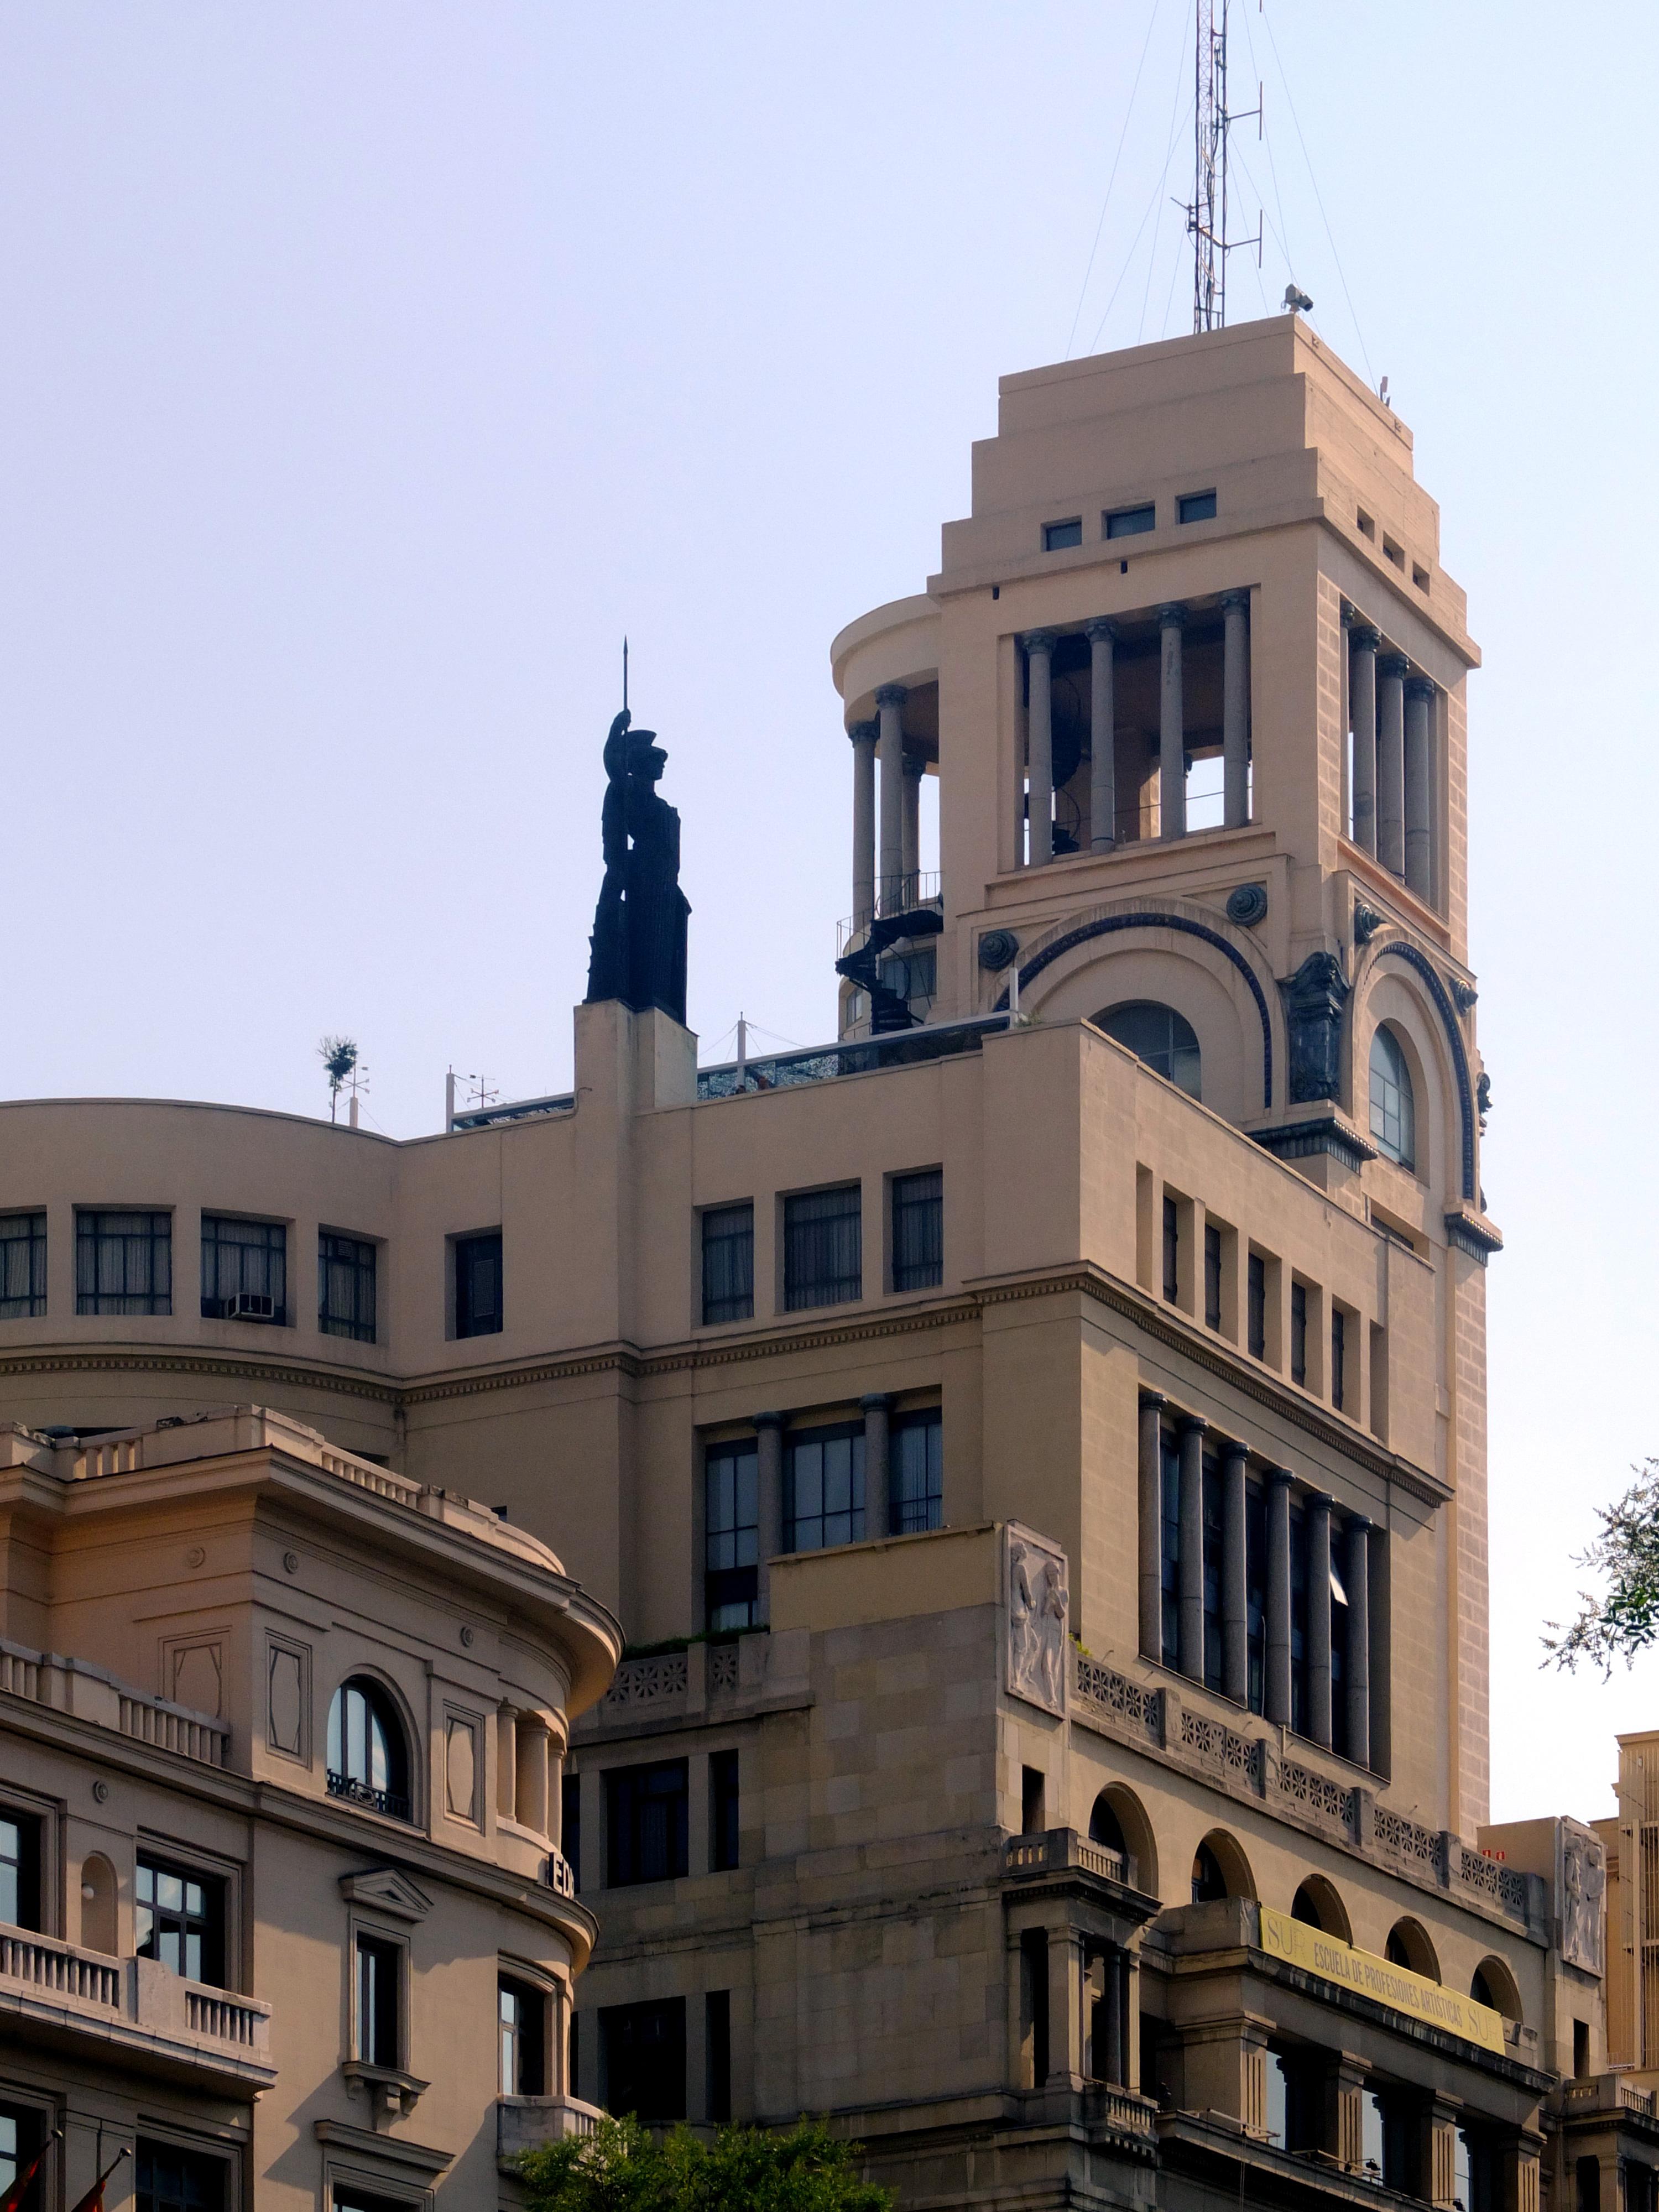 Antonio palacios arquitecto de madrid metalocus - Arquitecto de interiores madrid ...